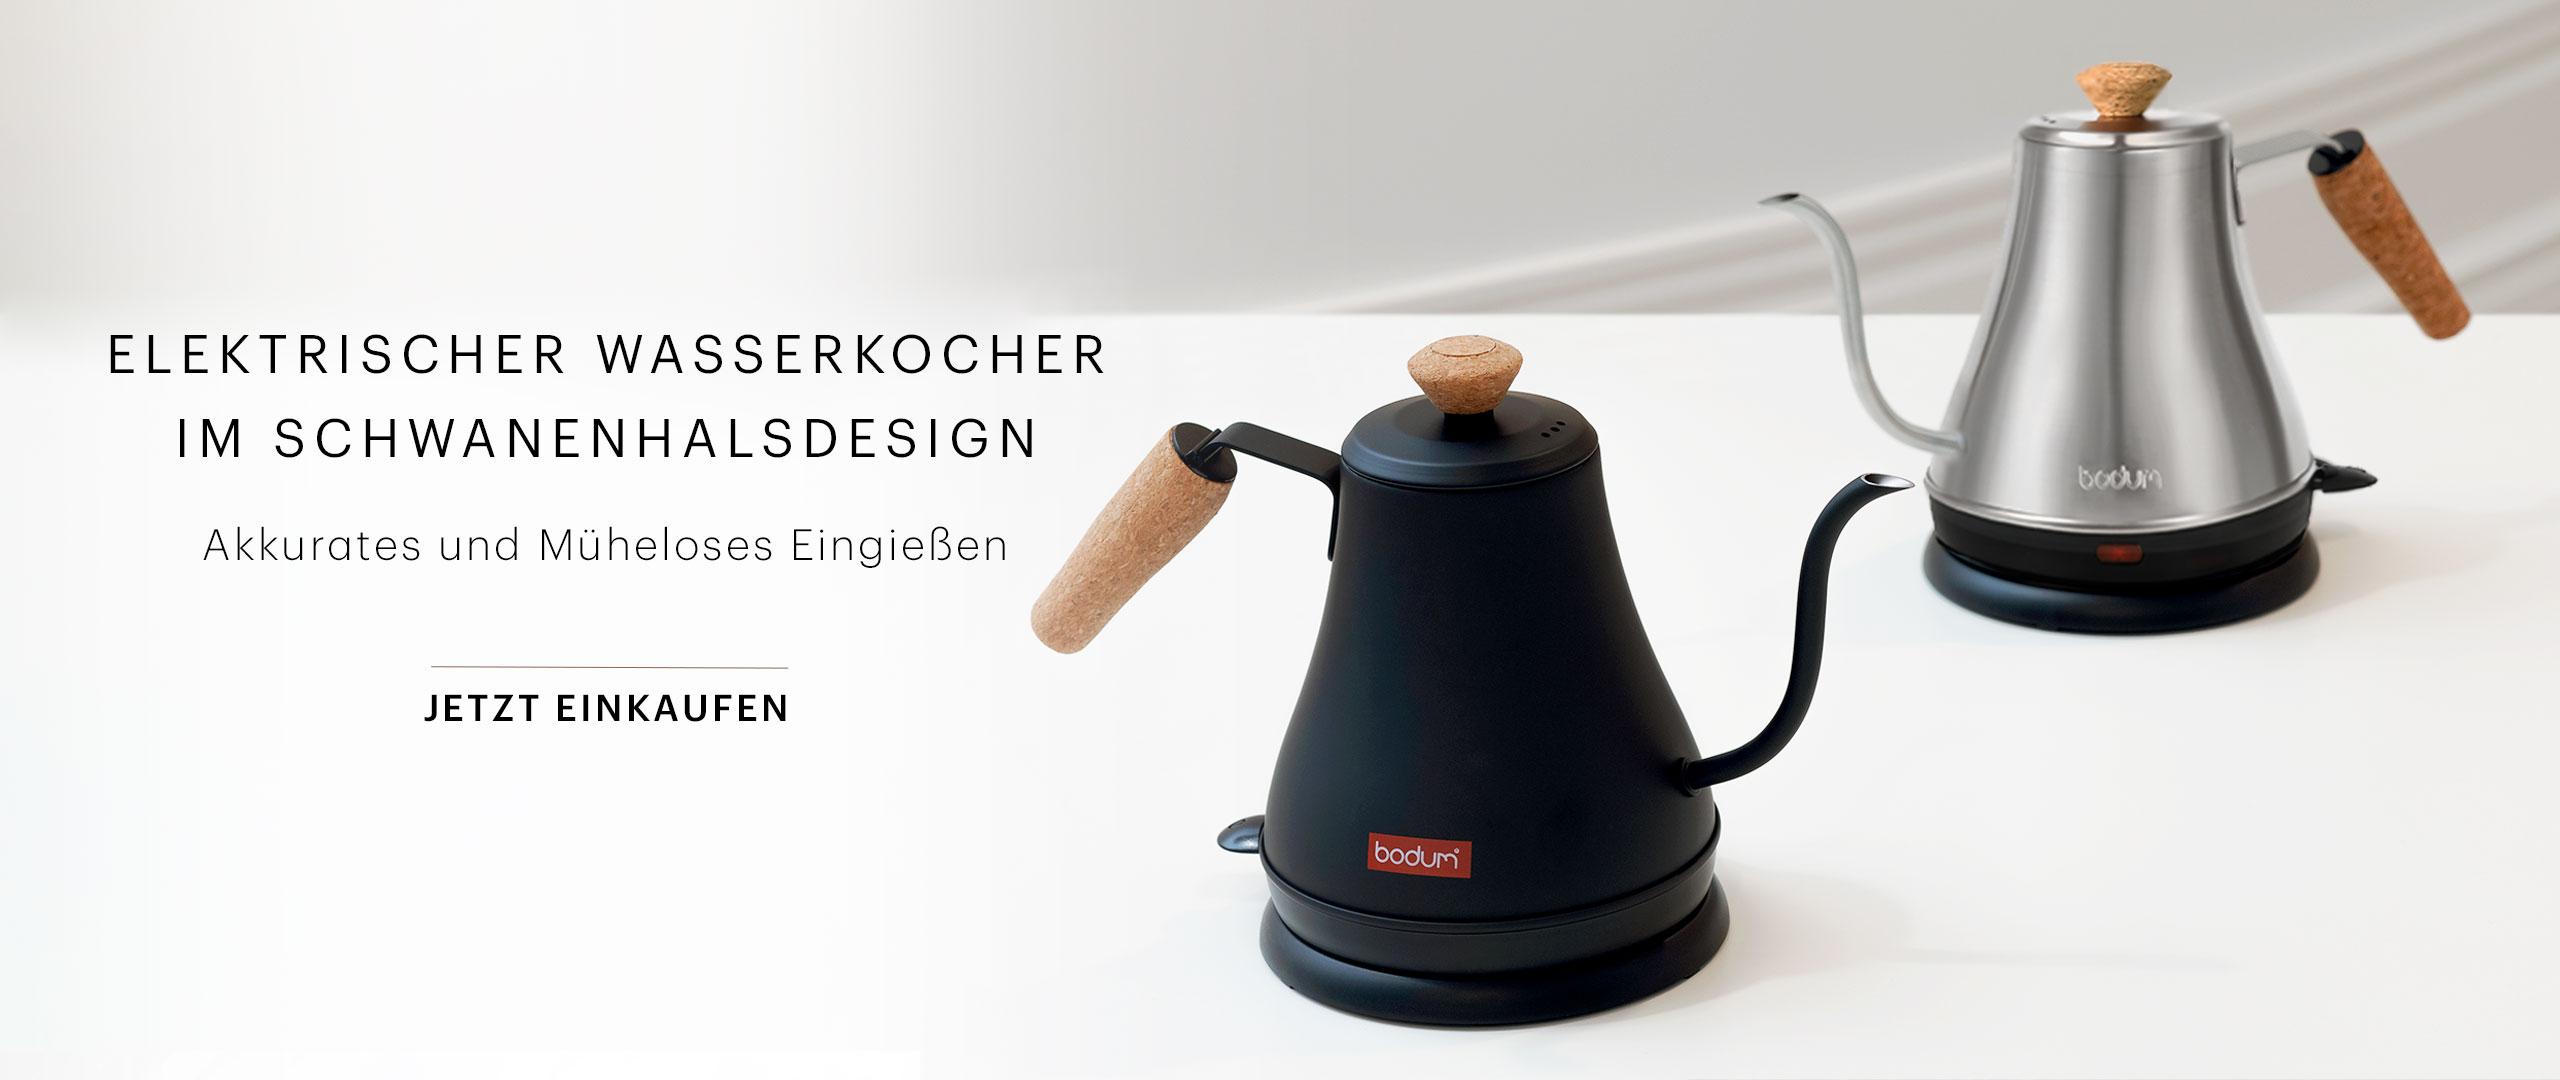 BEU [DE] - Gooseneck